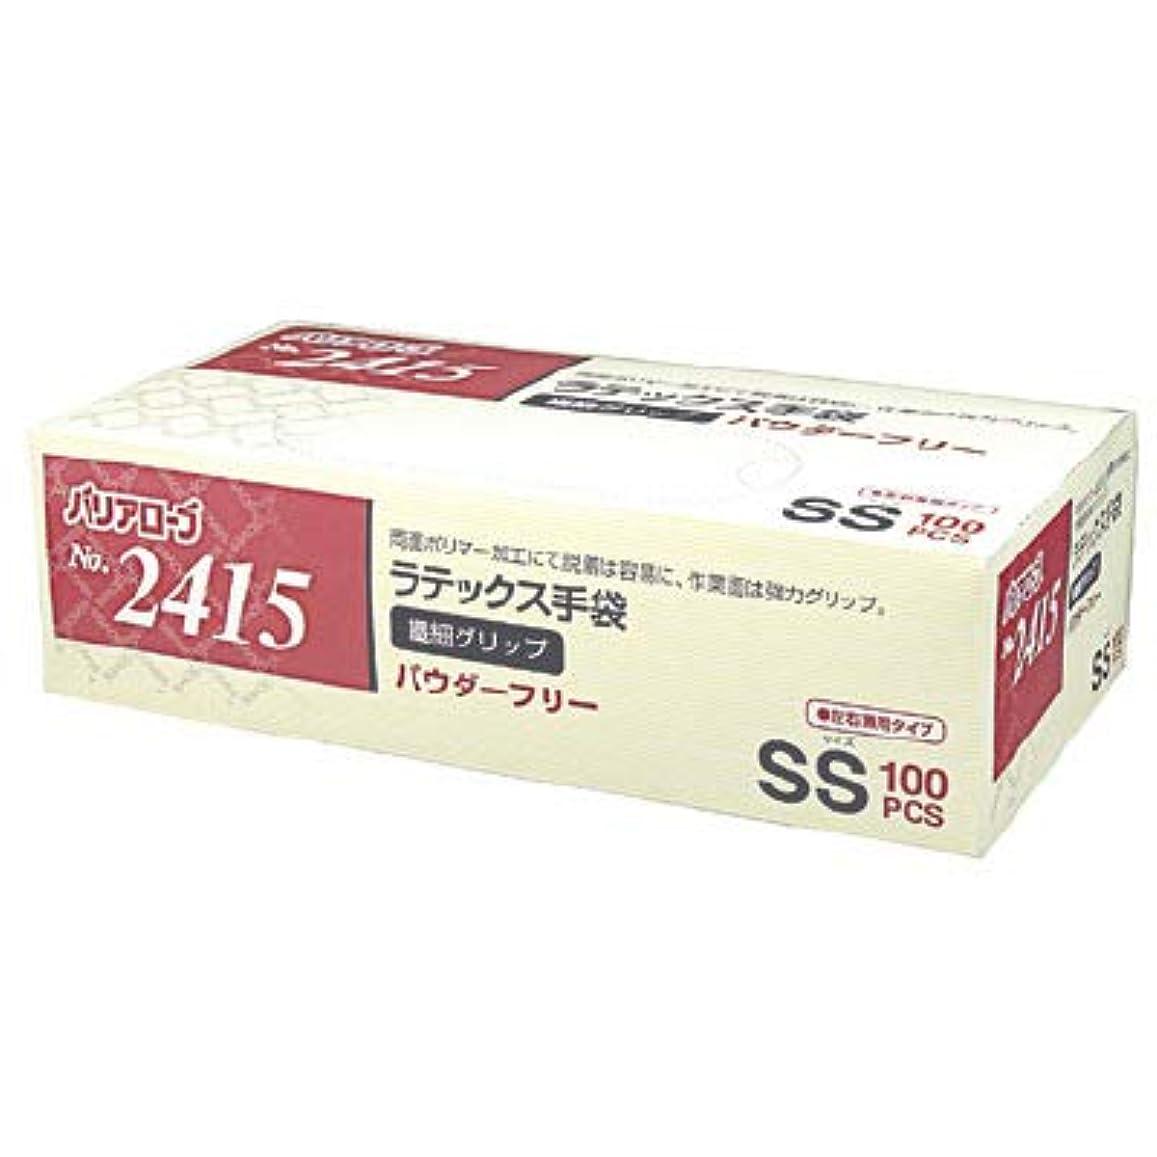 待って無人コンパイル【ケース販売】 バリアローブ №2415 ラテックス手袋 繊細グリップ (パウダーフリー) SS 2000枚(100枚×20箱)